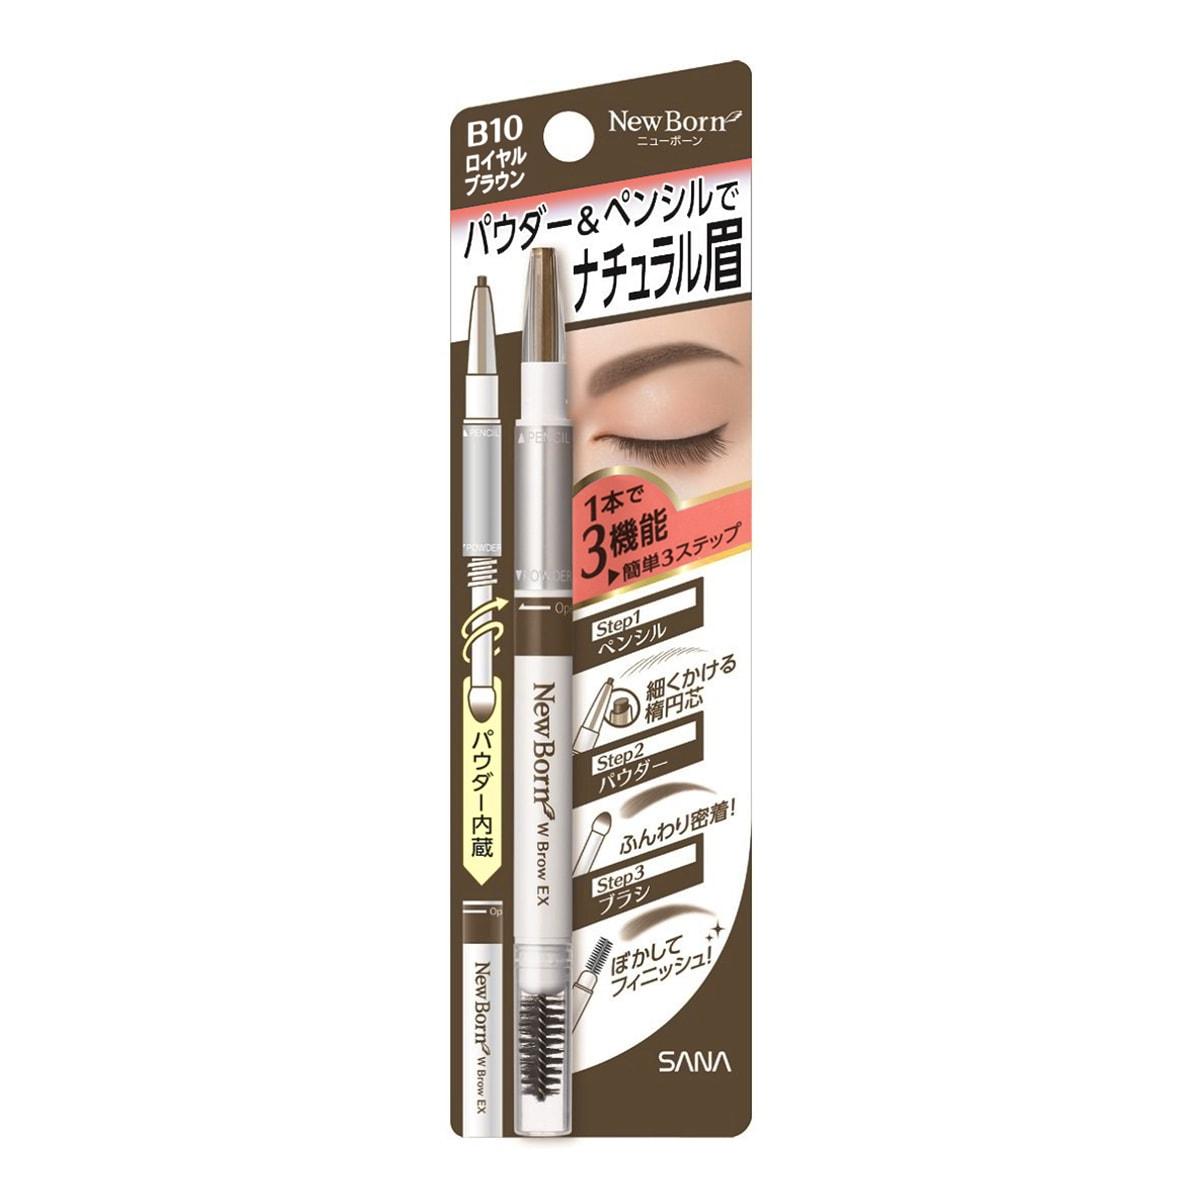 日本SANA莎娜 NEW BORN EX 眉采飞扬三用眉笔 眉笔+眉粉+旋转眉刷 #B10高贵棕 单支入